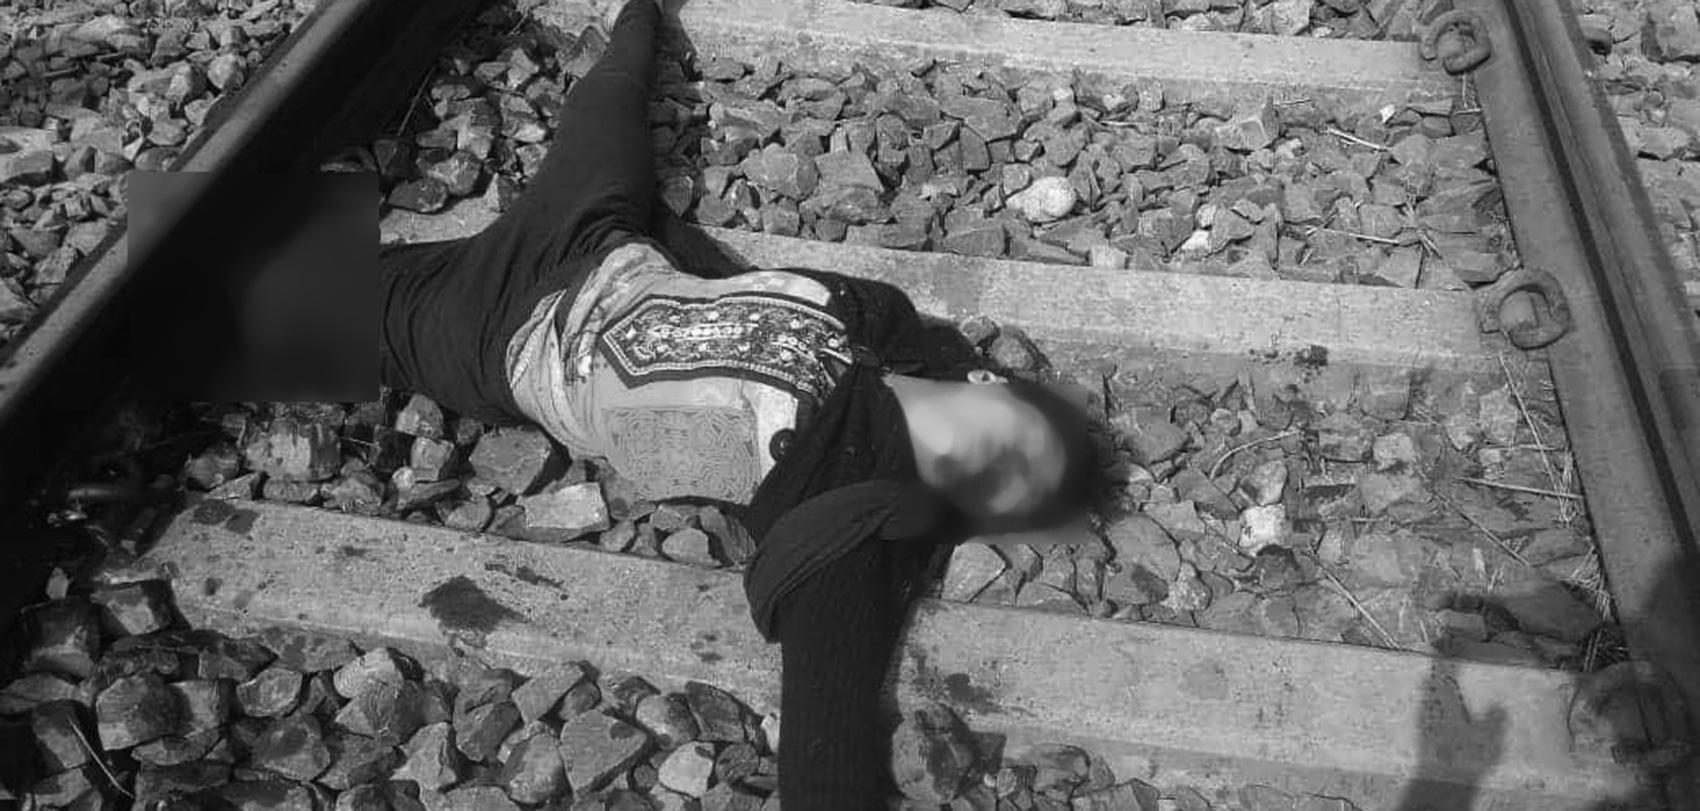 भारतीय रेल्वे लिकमा शव भेटिएका दुई नेपाली छात्राको कोठामा 'सुसाइट नोट'